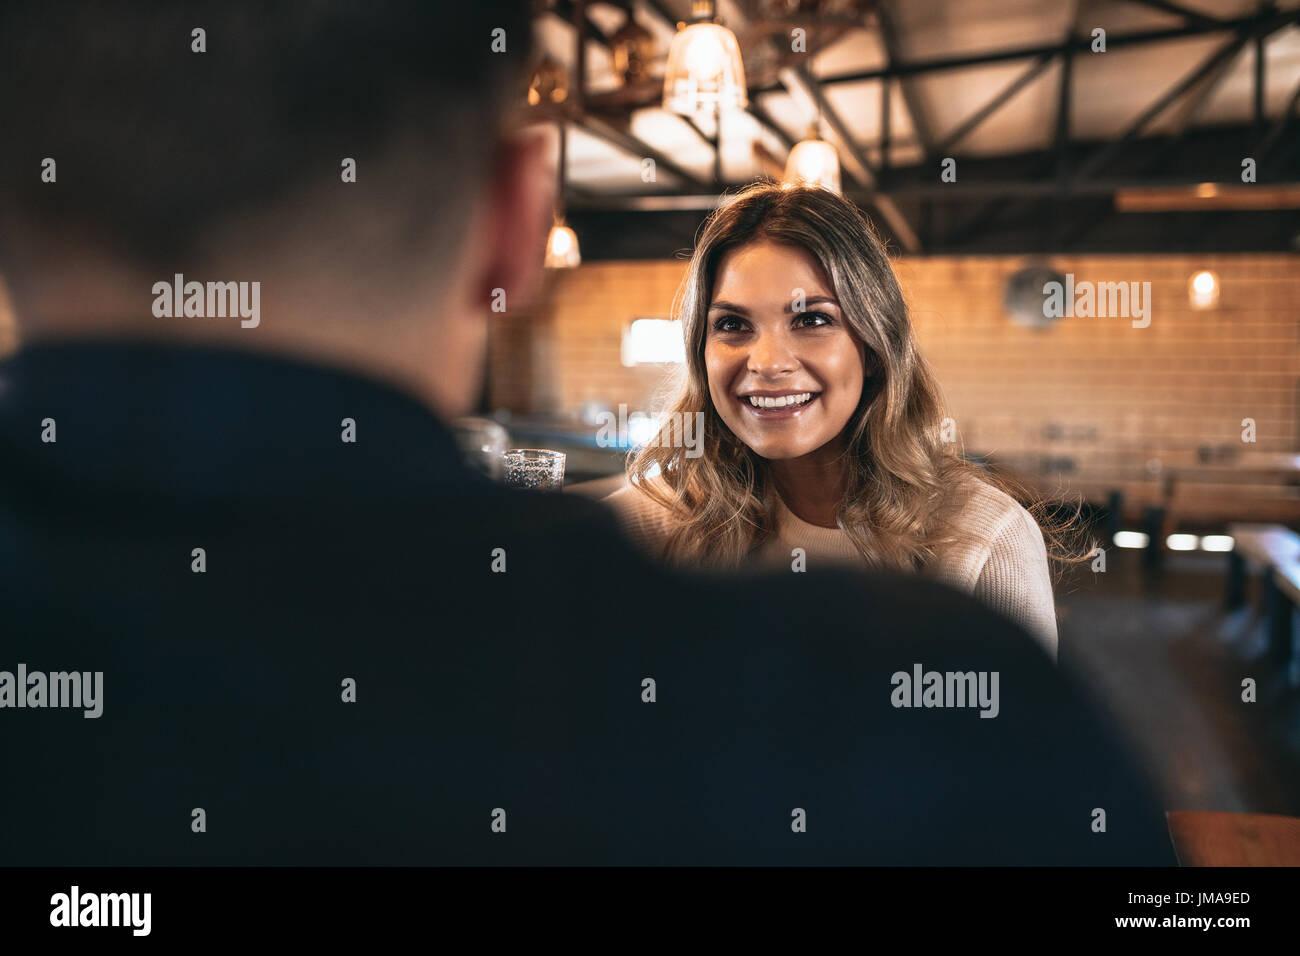 Giovane e bella donna con un uomo al bar. Coppia al bar. Immagini Stock